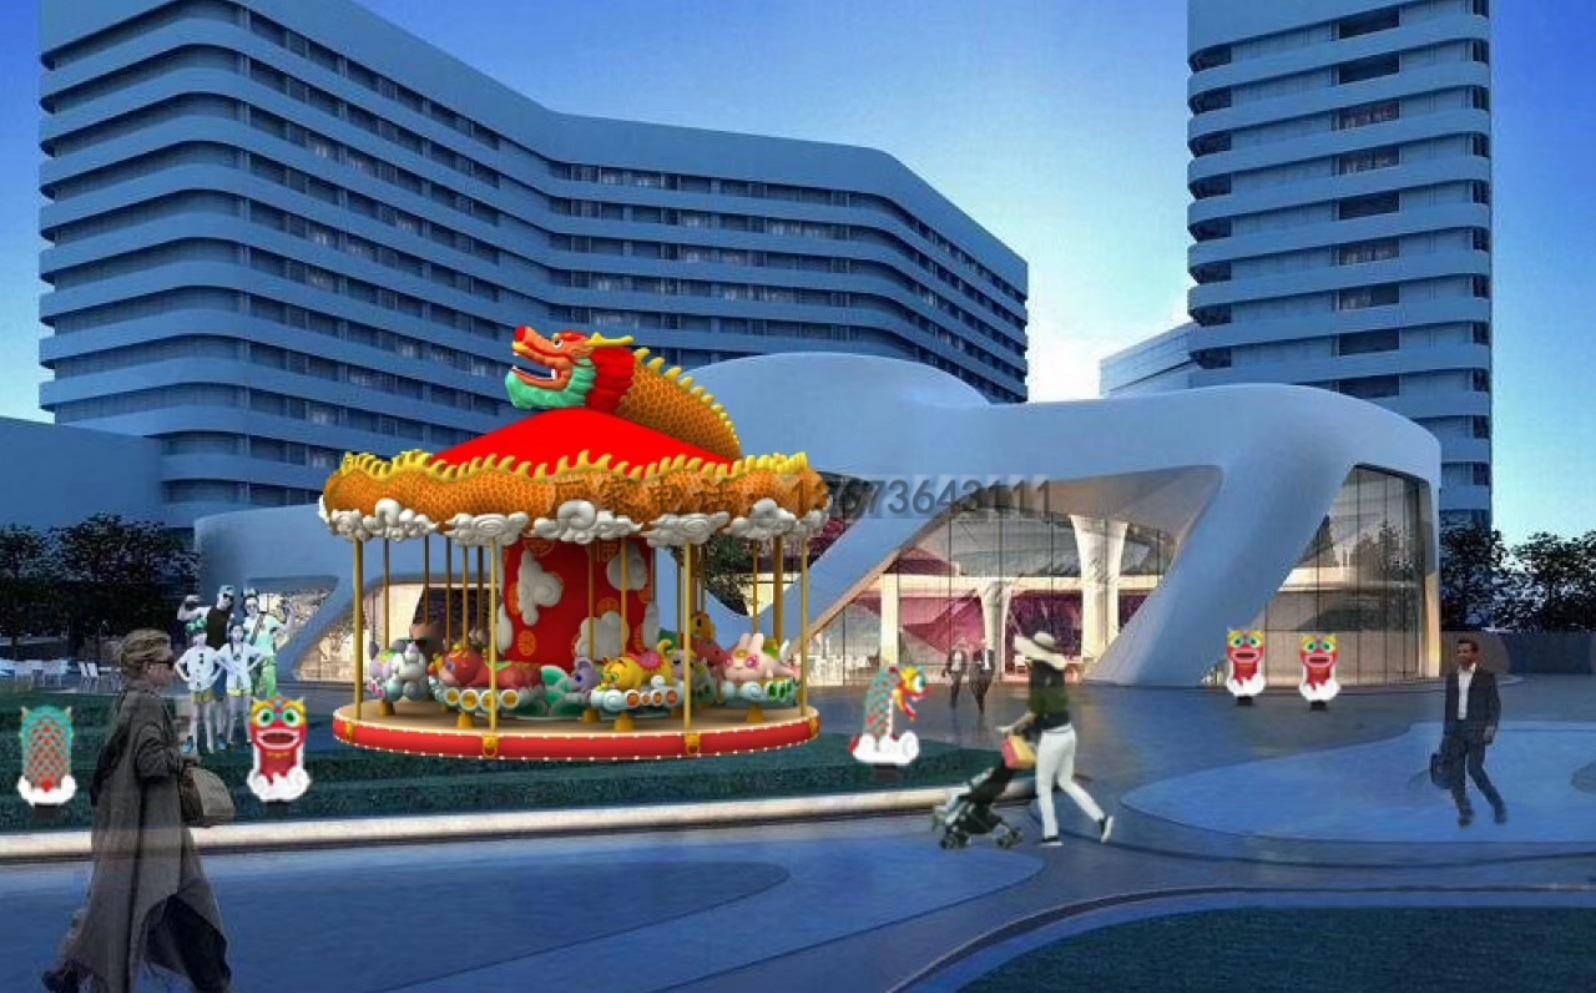 2020郑州大洋游乐设备8臂桑巴气球 儿童游乐厂家直销24座桑巴气球项目示例图29